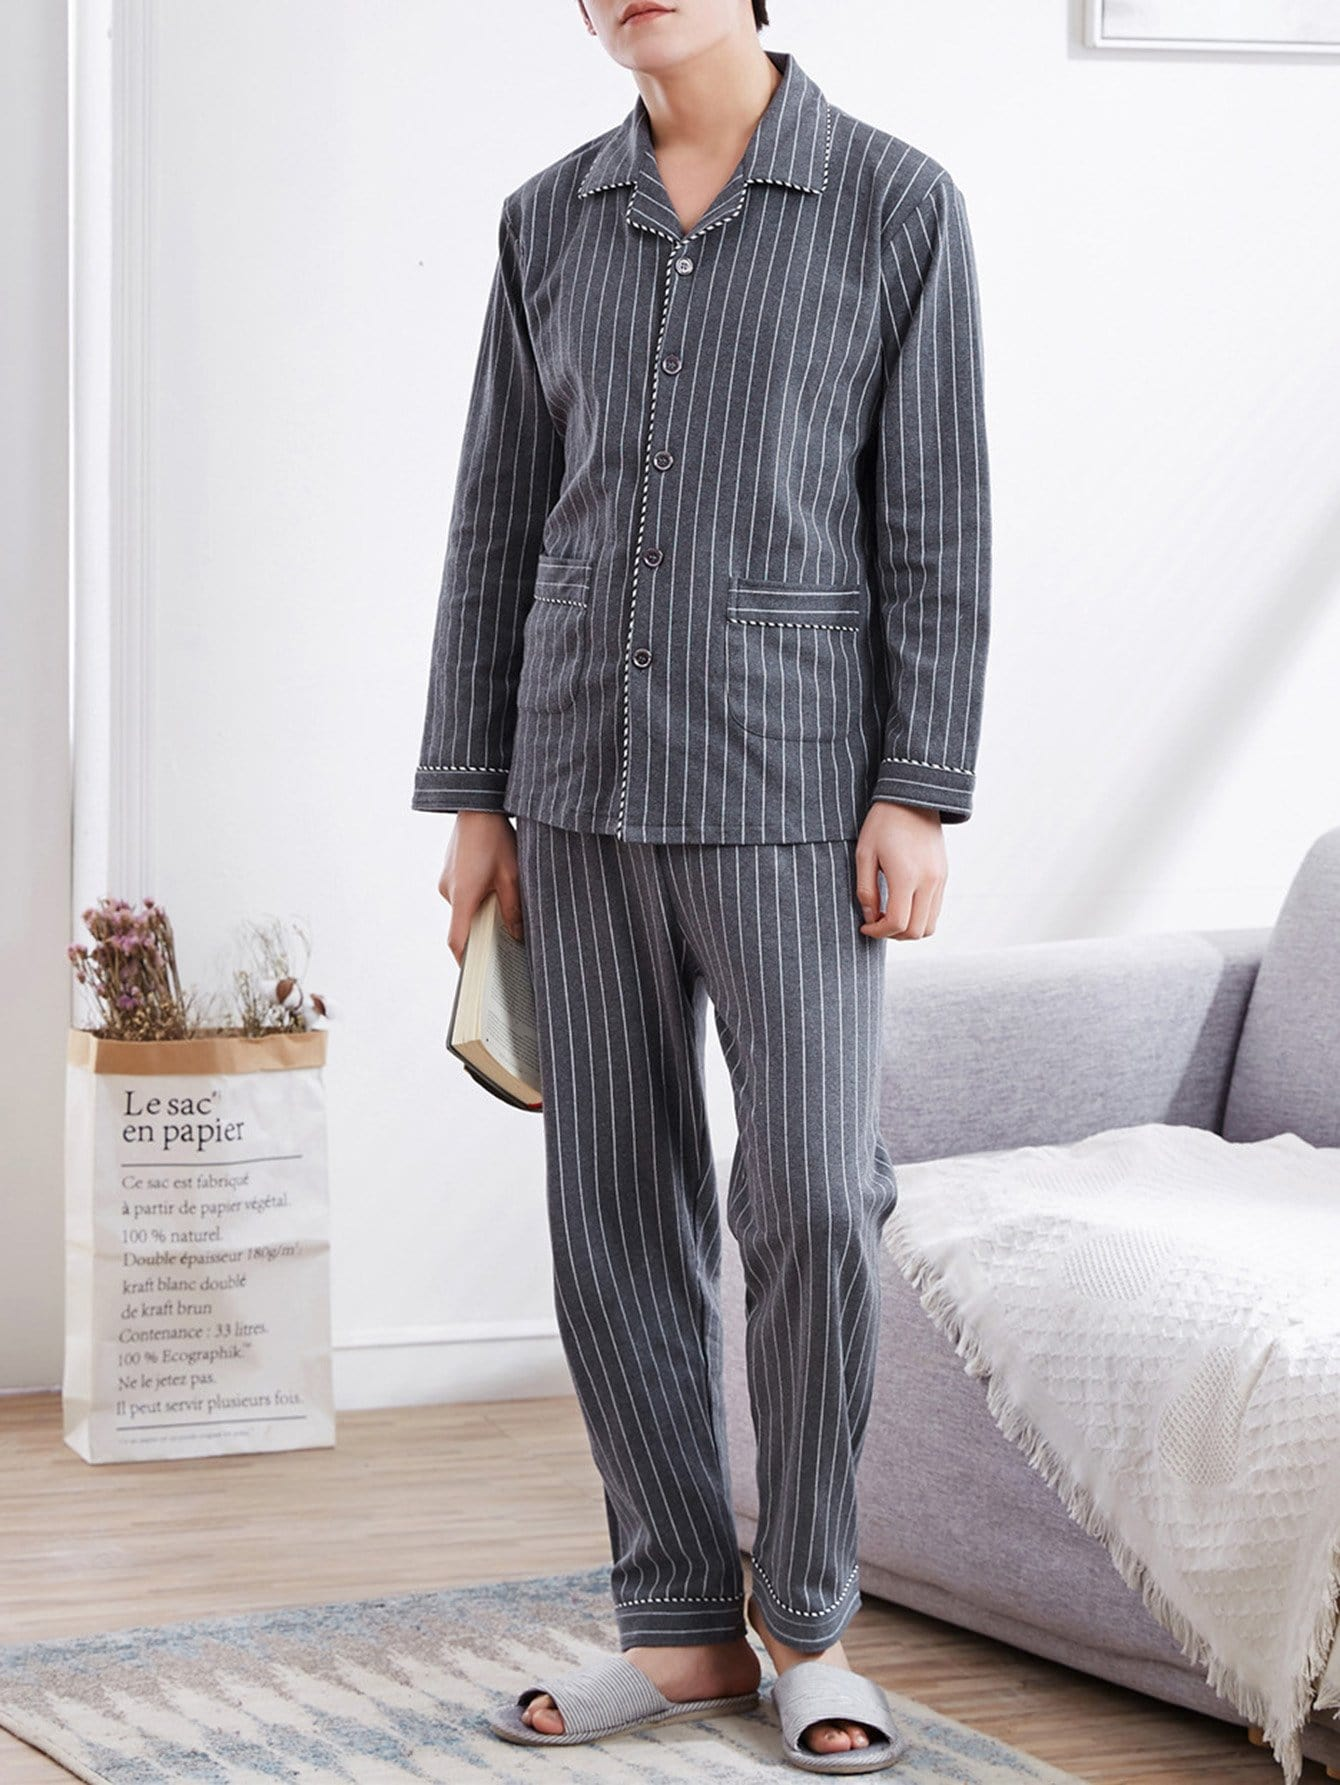 Купить Комплект полосатой пижамы и с украшением пуговицы для мужчины, null, SheIn